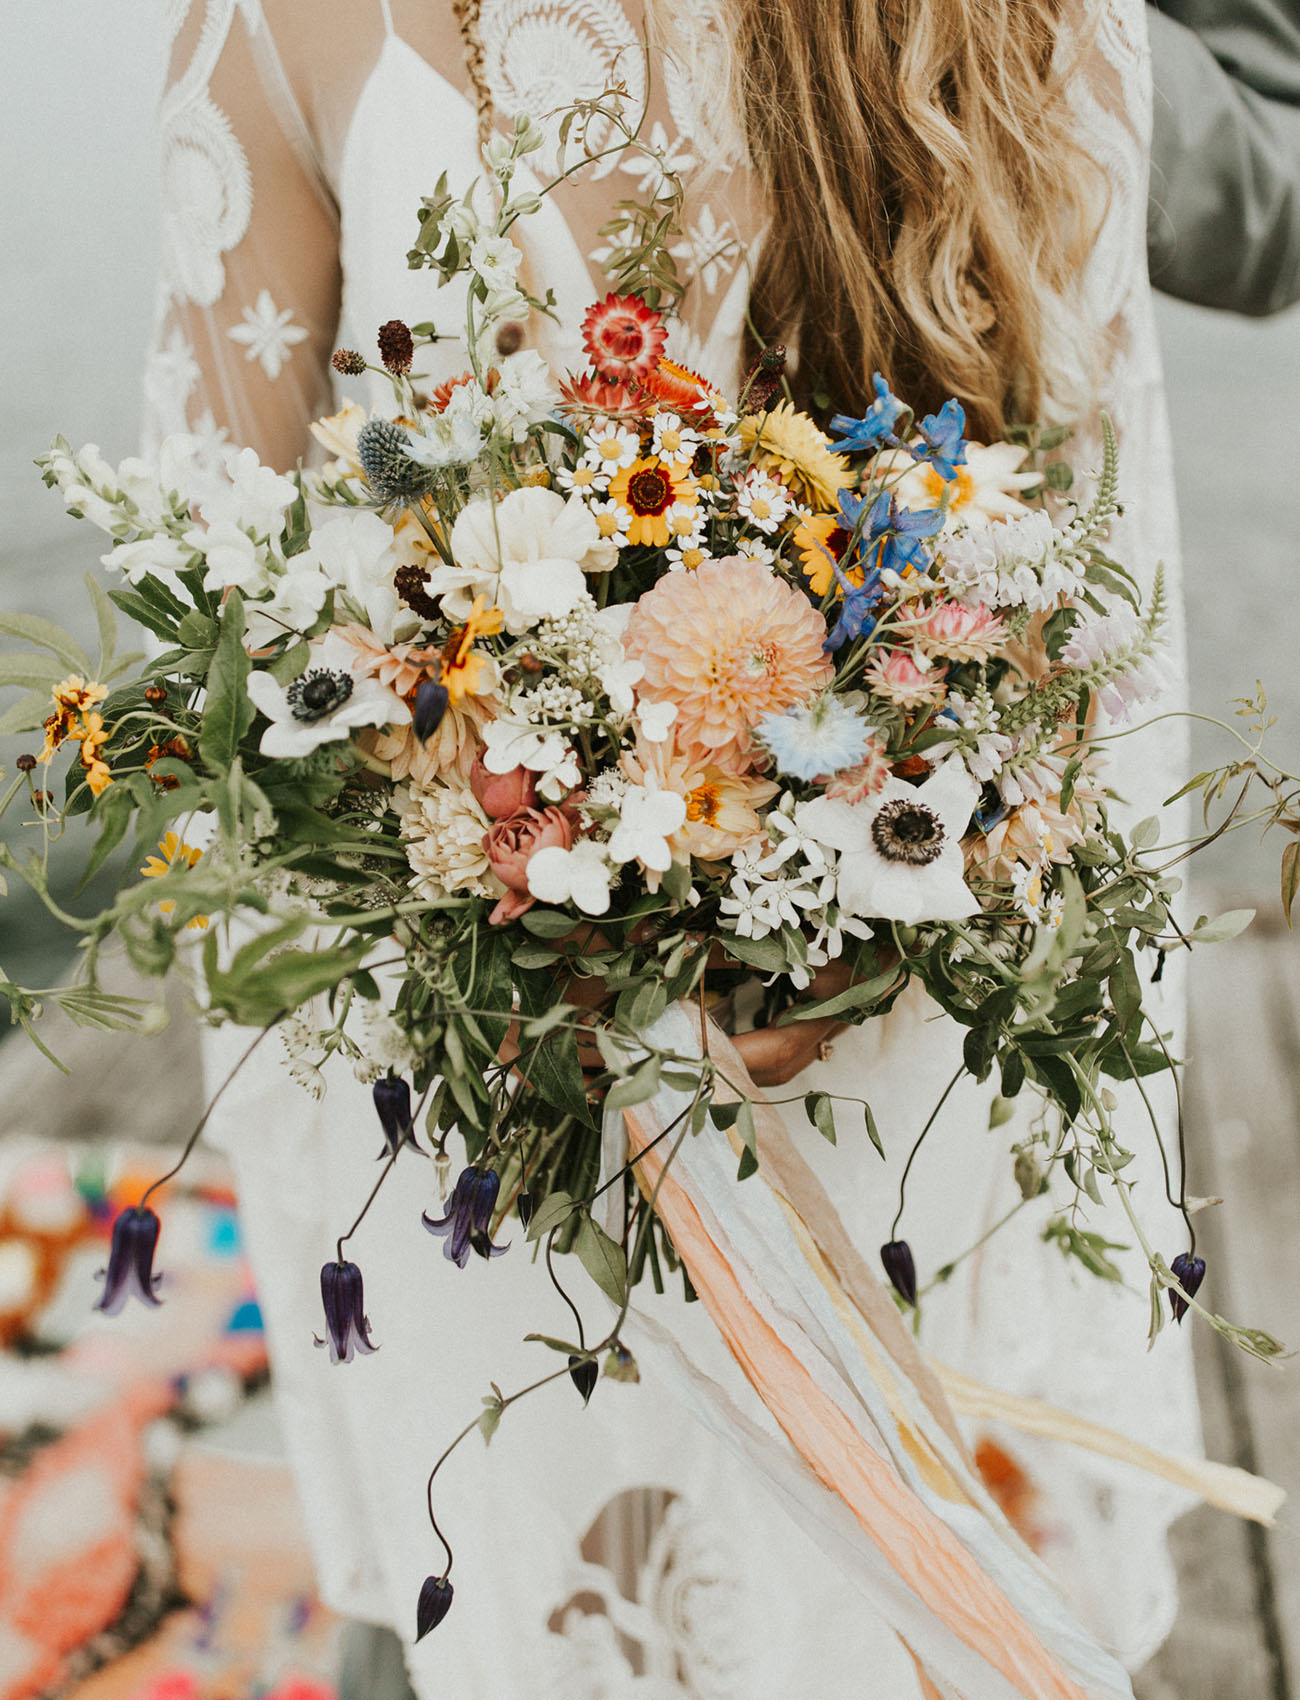 Bruidsboeket ideeën voor de bruiloft